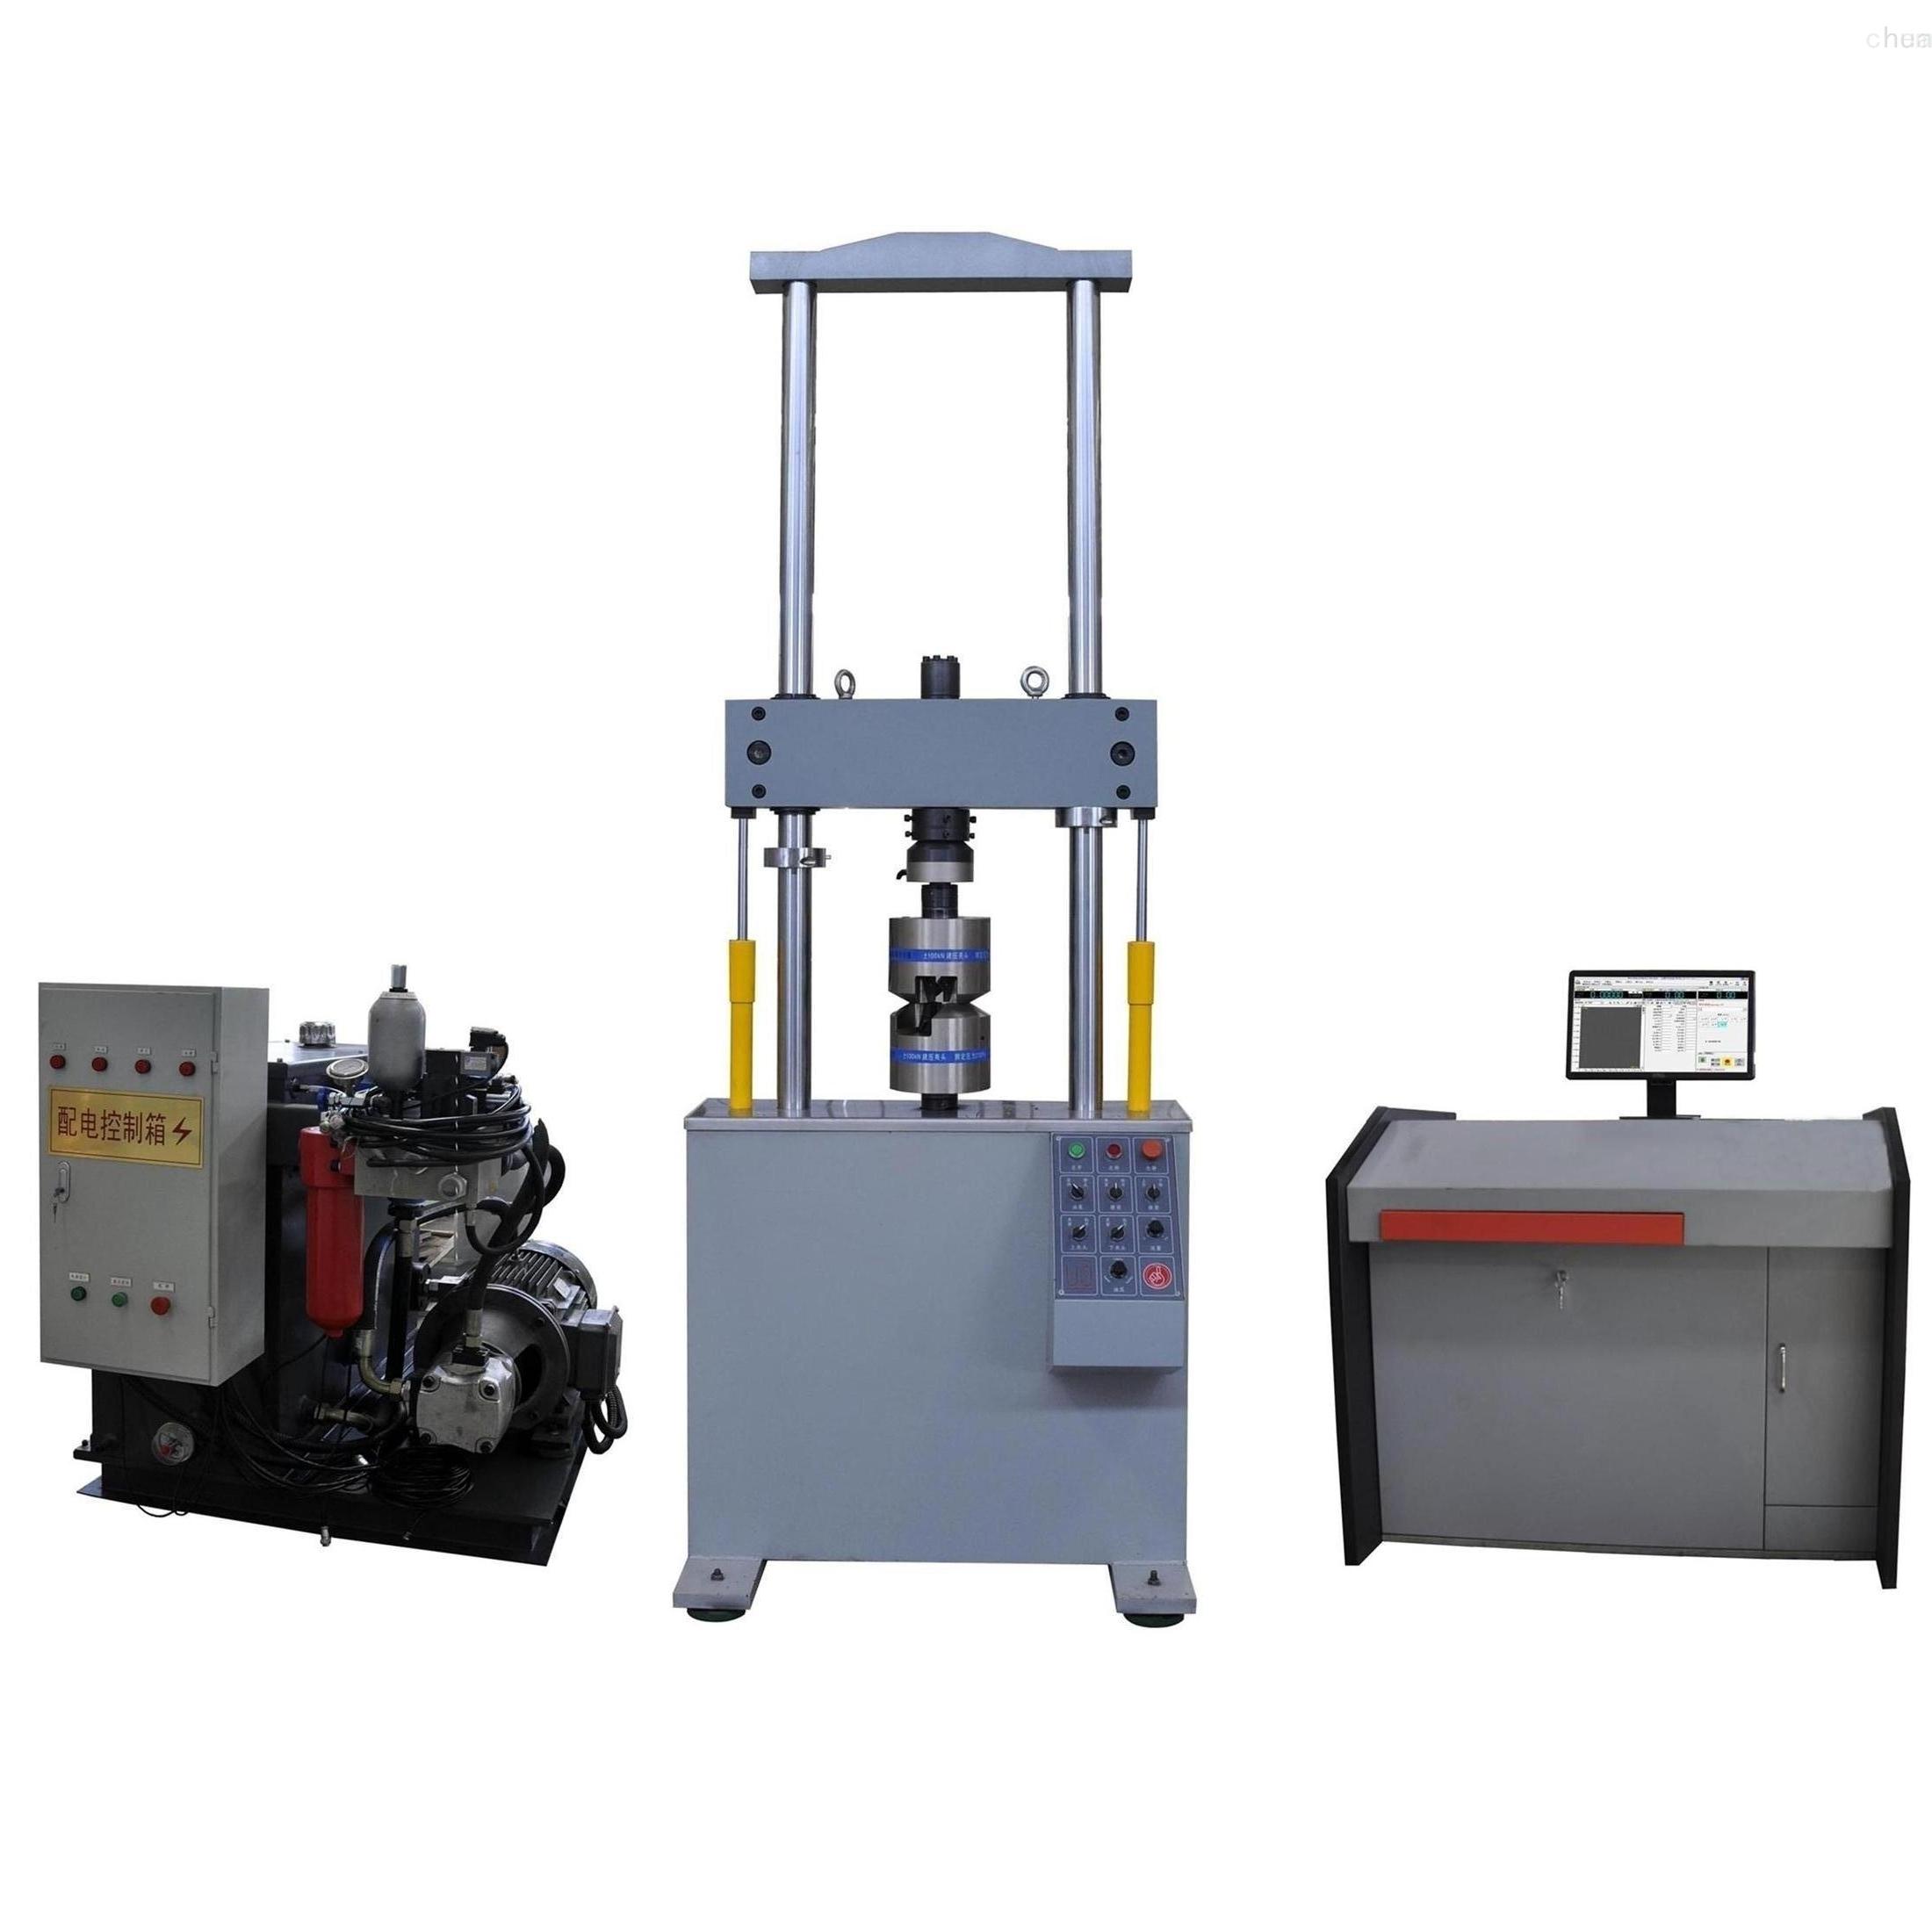 机械式波纹管疲劳试验机功能特点要求